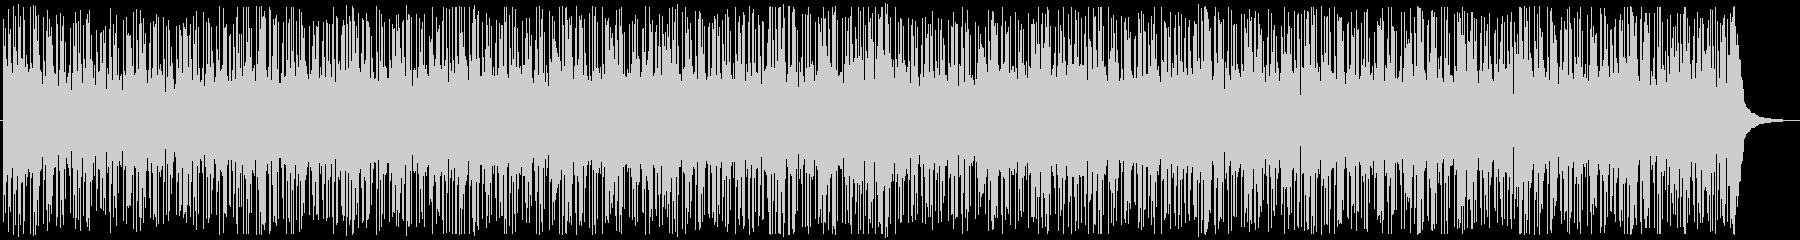 [生ギター]日常うろうろファンクロックの未再生の波形